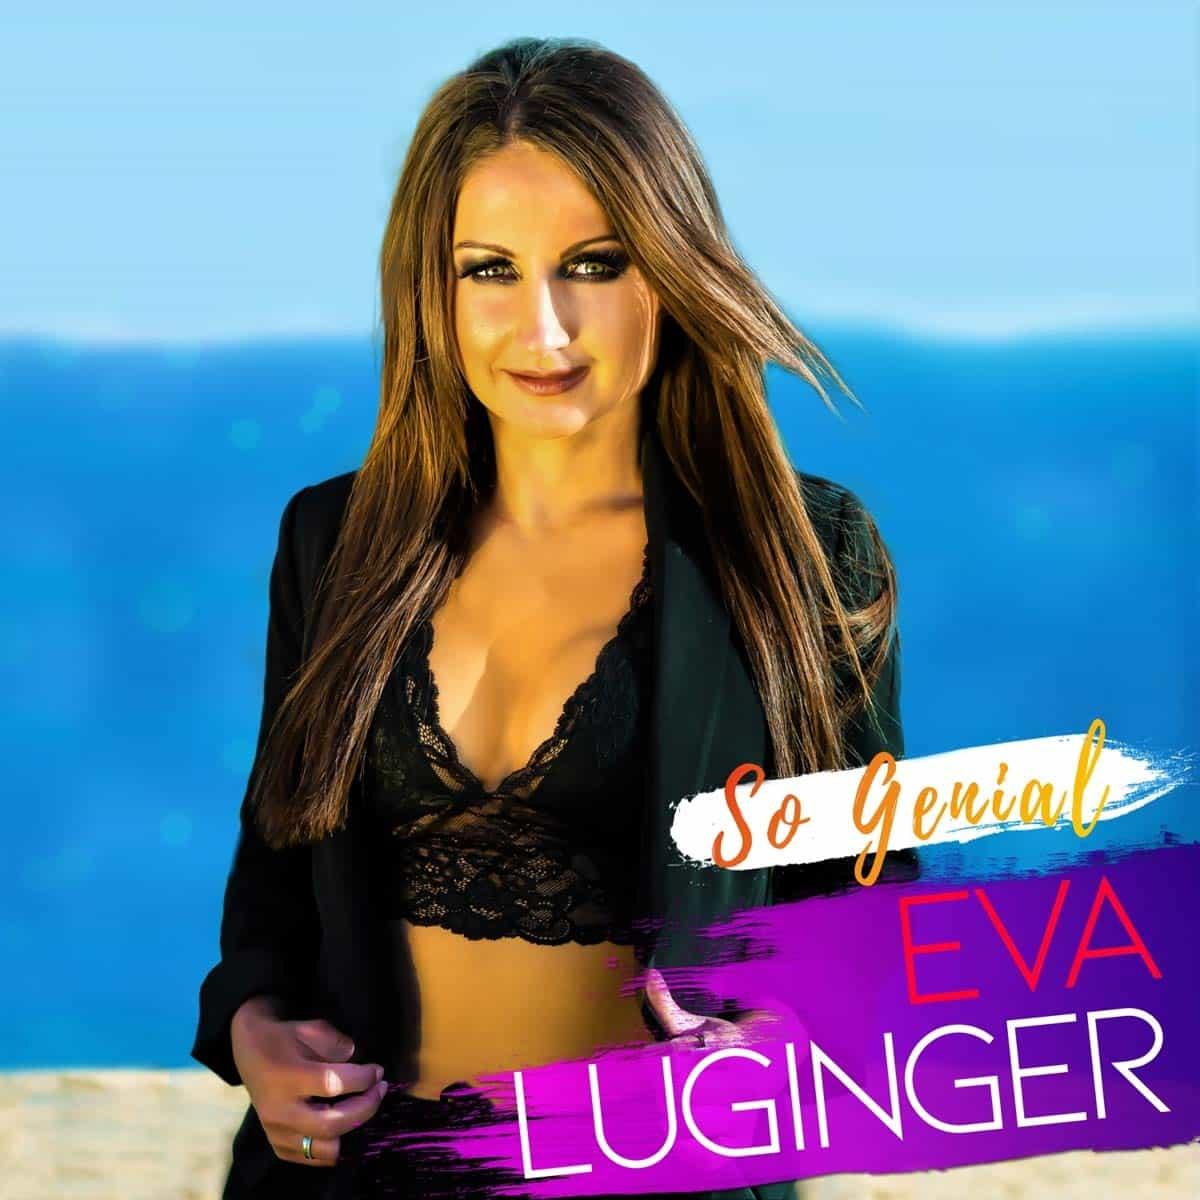 """Eva Luginger: Neue, tanzbare Schlager-CD """"So genial"""" veröffentlicht"""